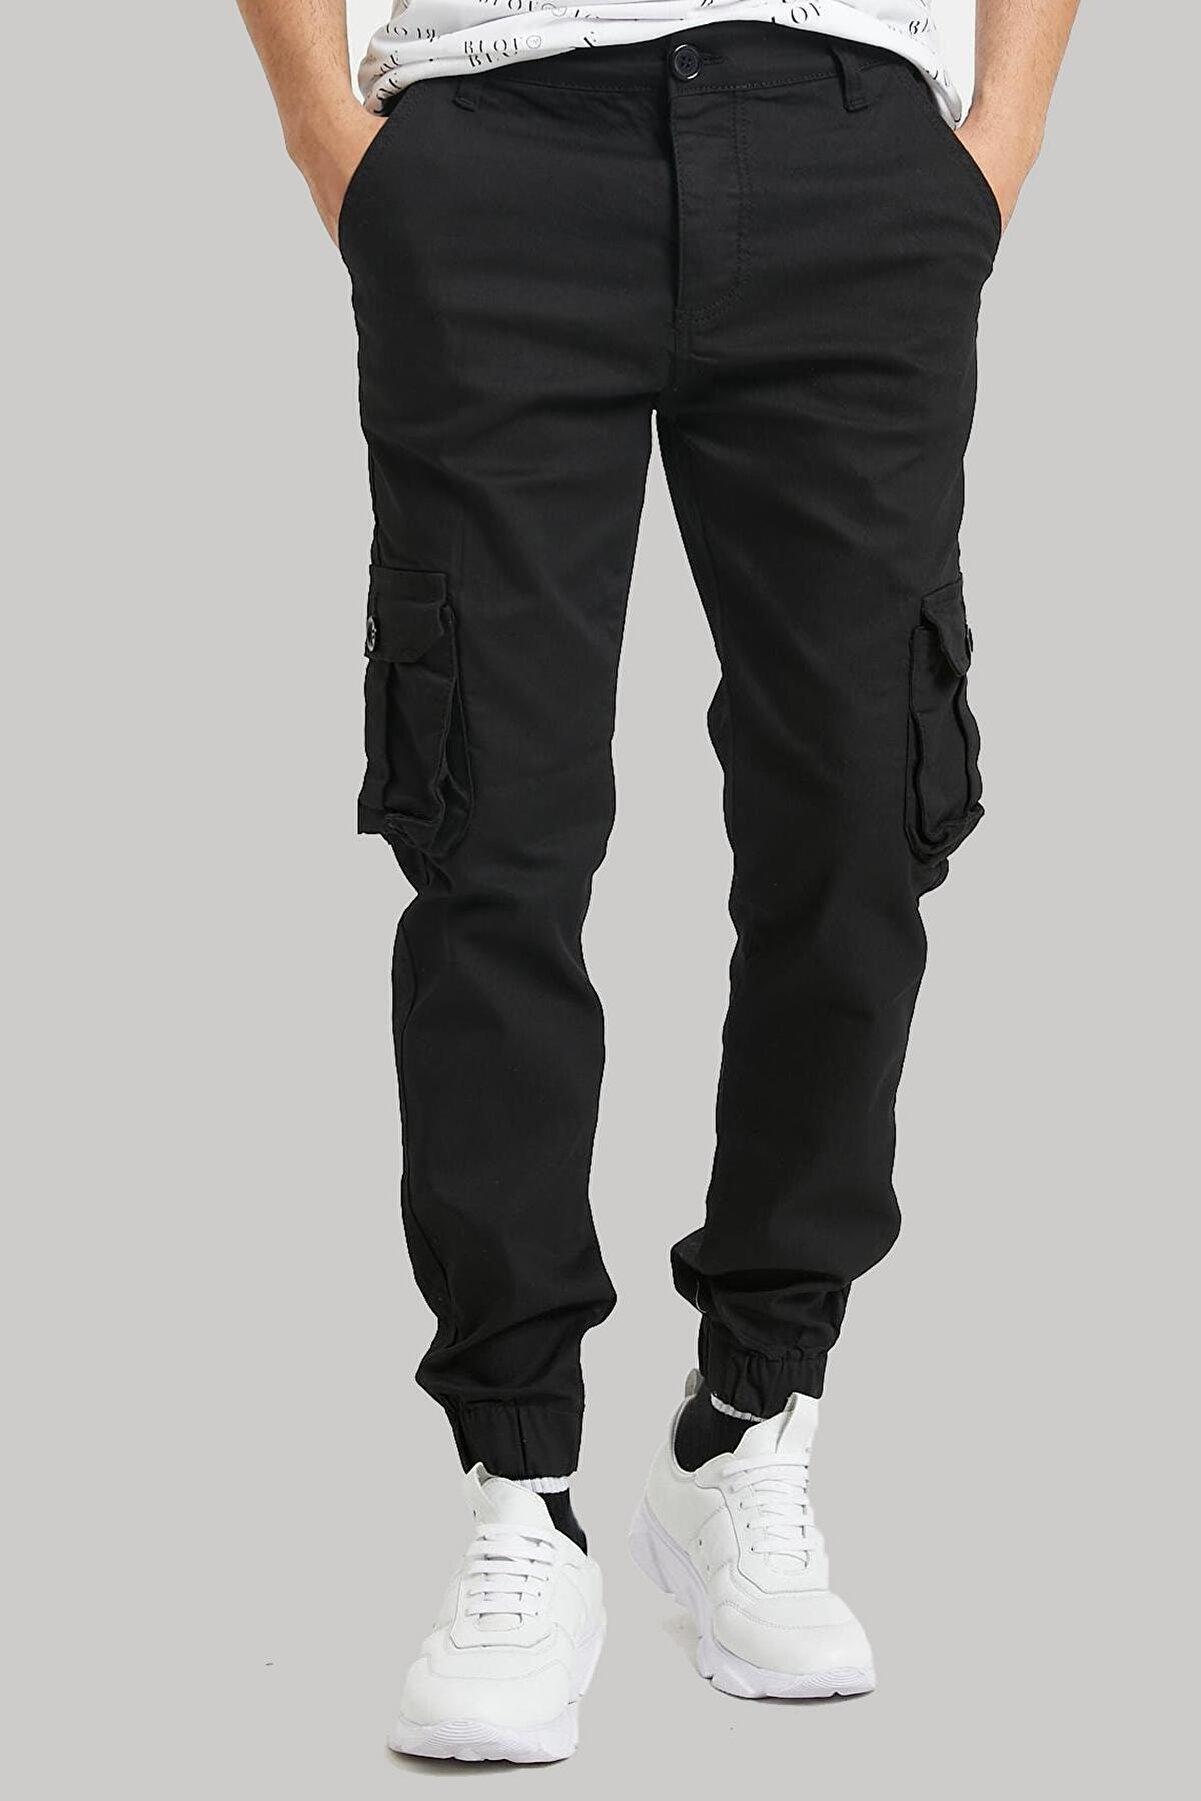 bombe Erkek Kargo Pantolon Siyah